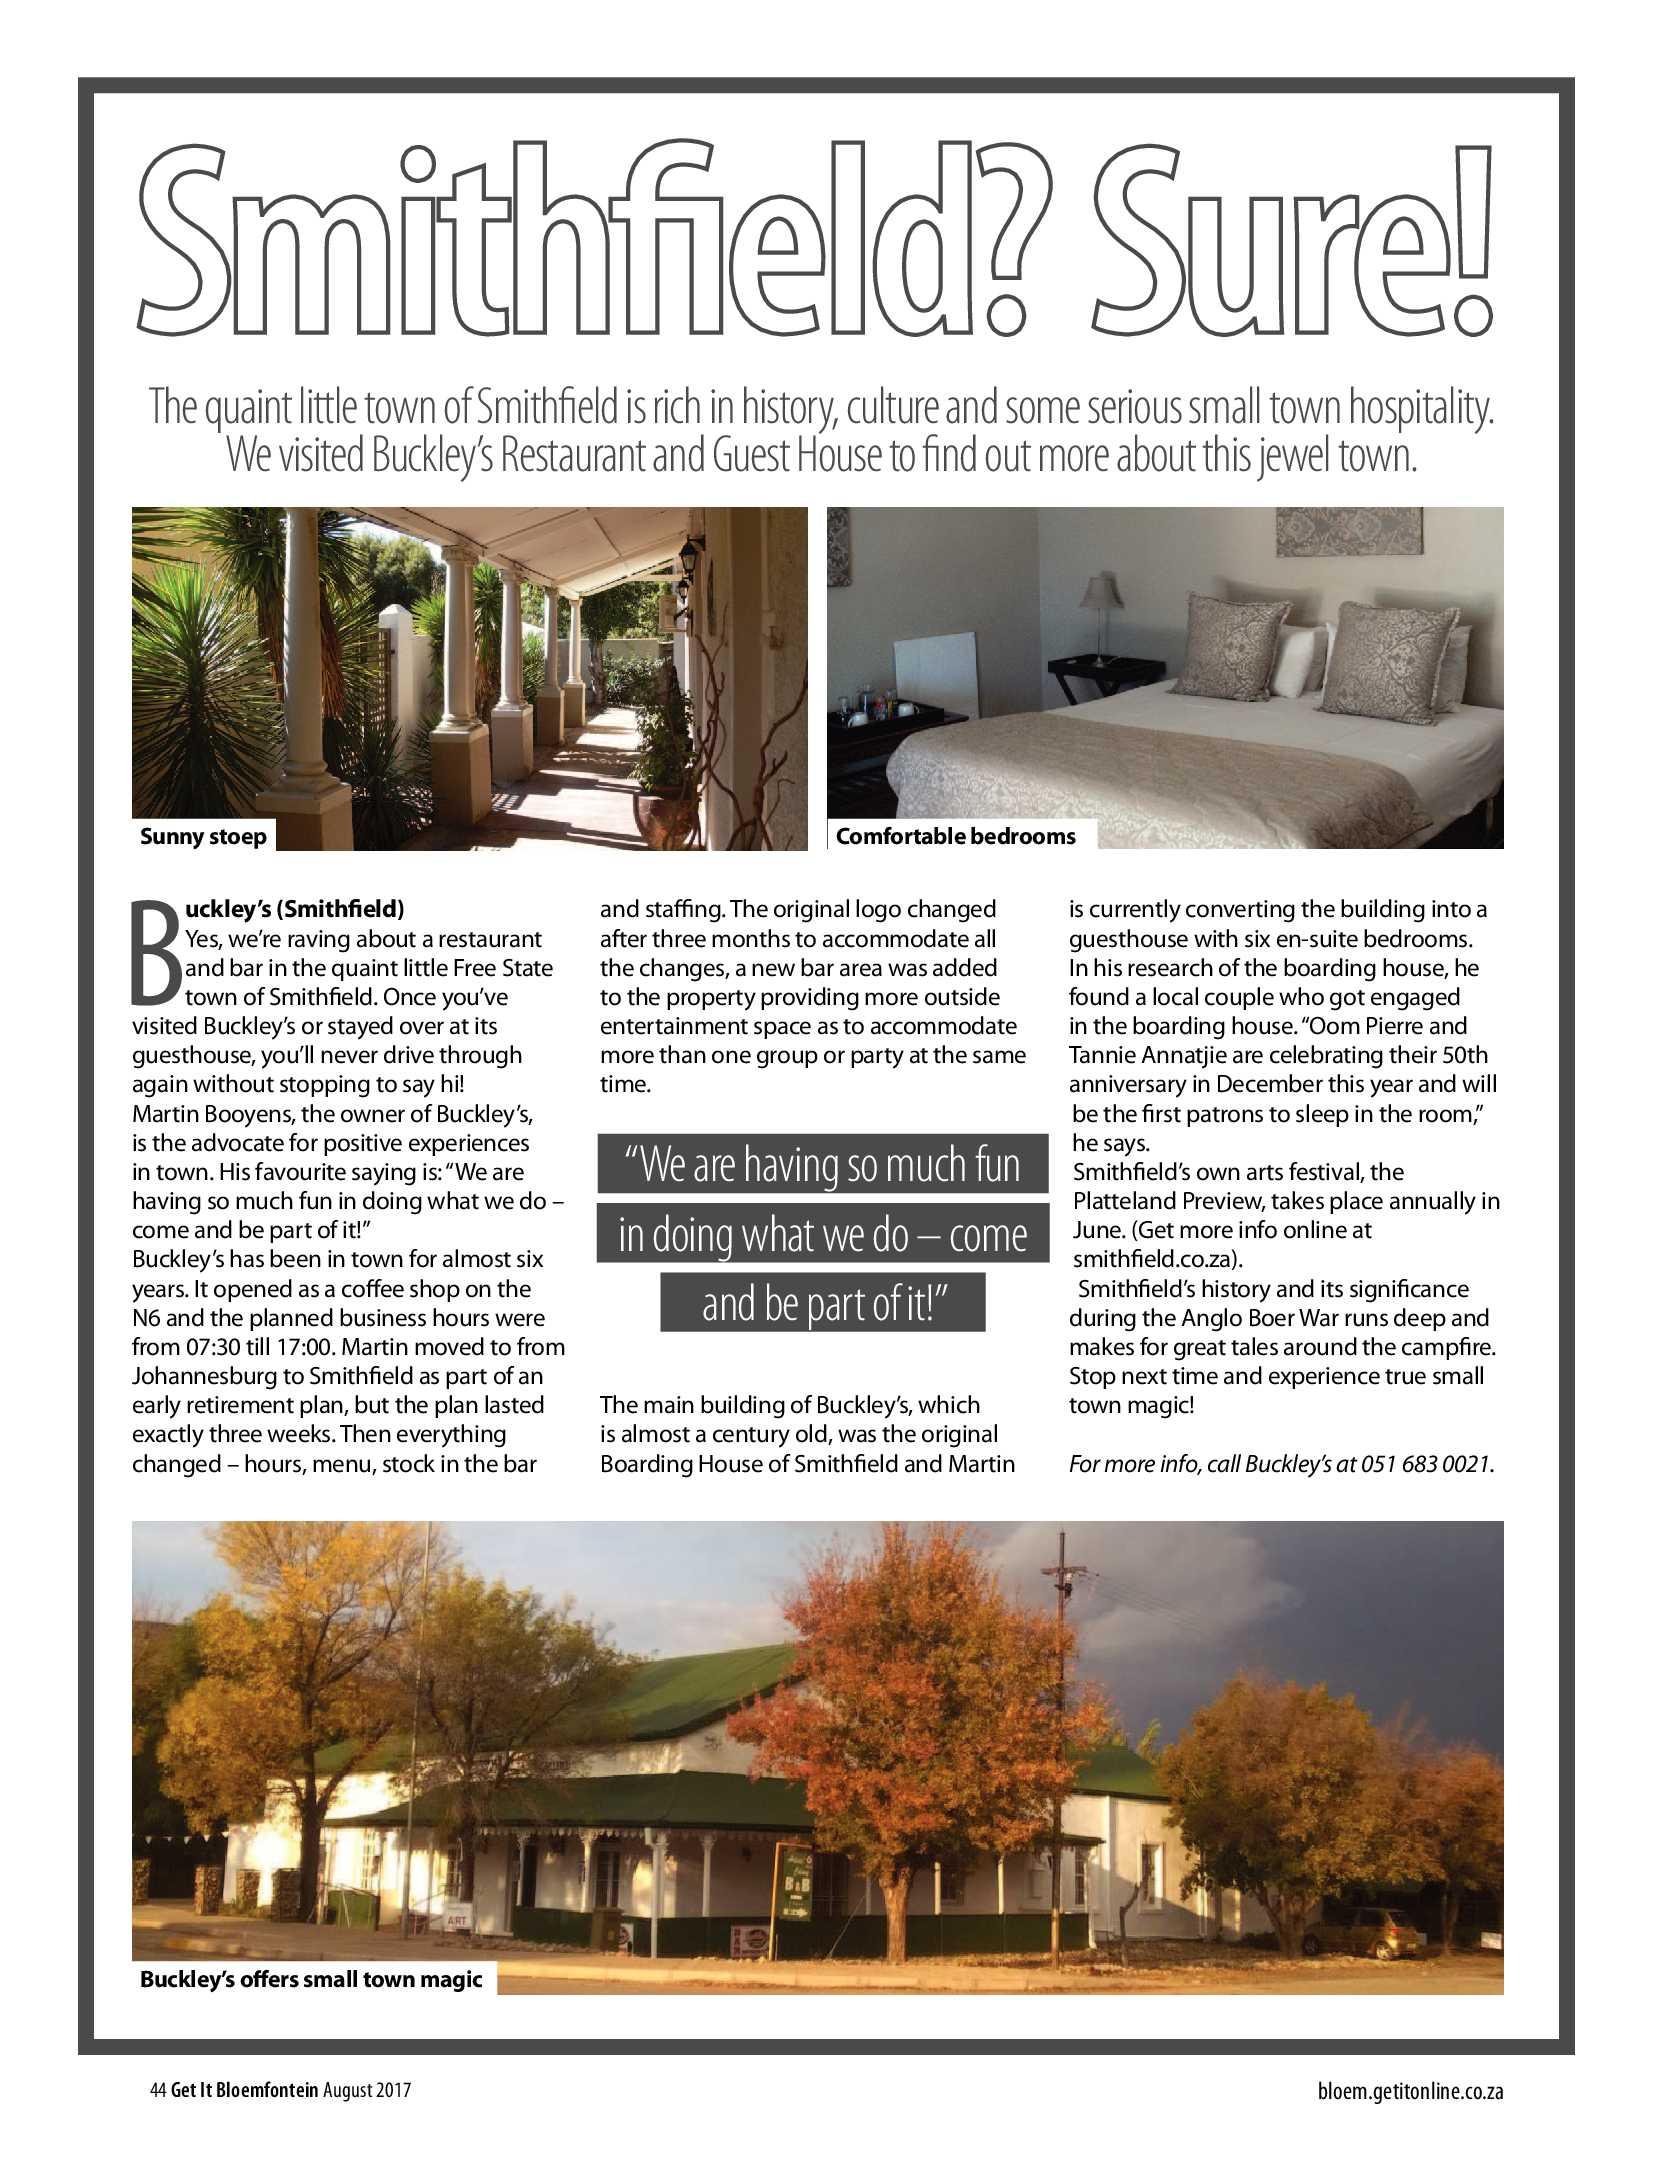 get-bloemfontein-august-2017-epapers-page-46